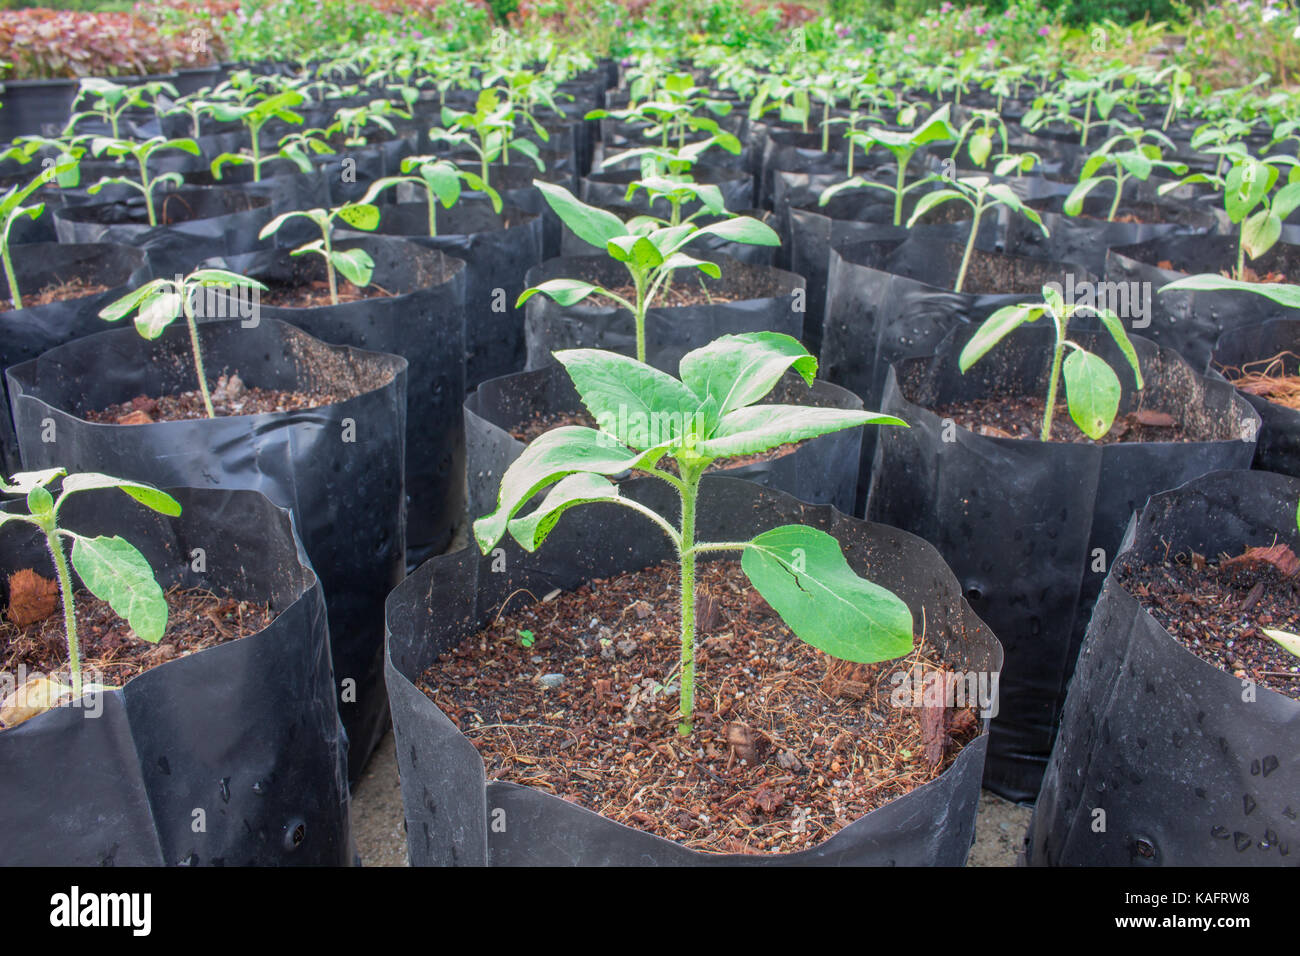 Los arbolillos, sembrar girasol preparar sanos, antes de plantar, según sea necesario. Imagen De Stock